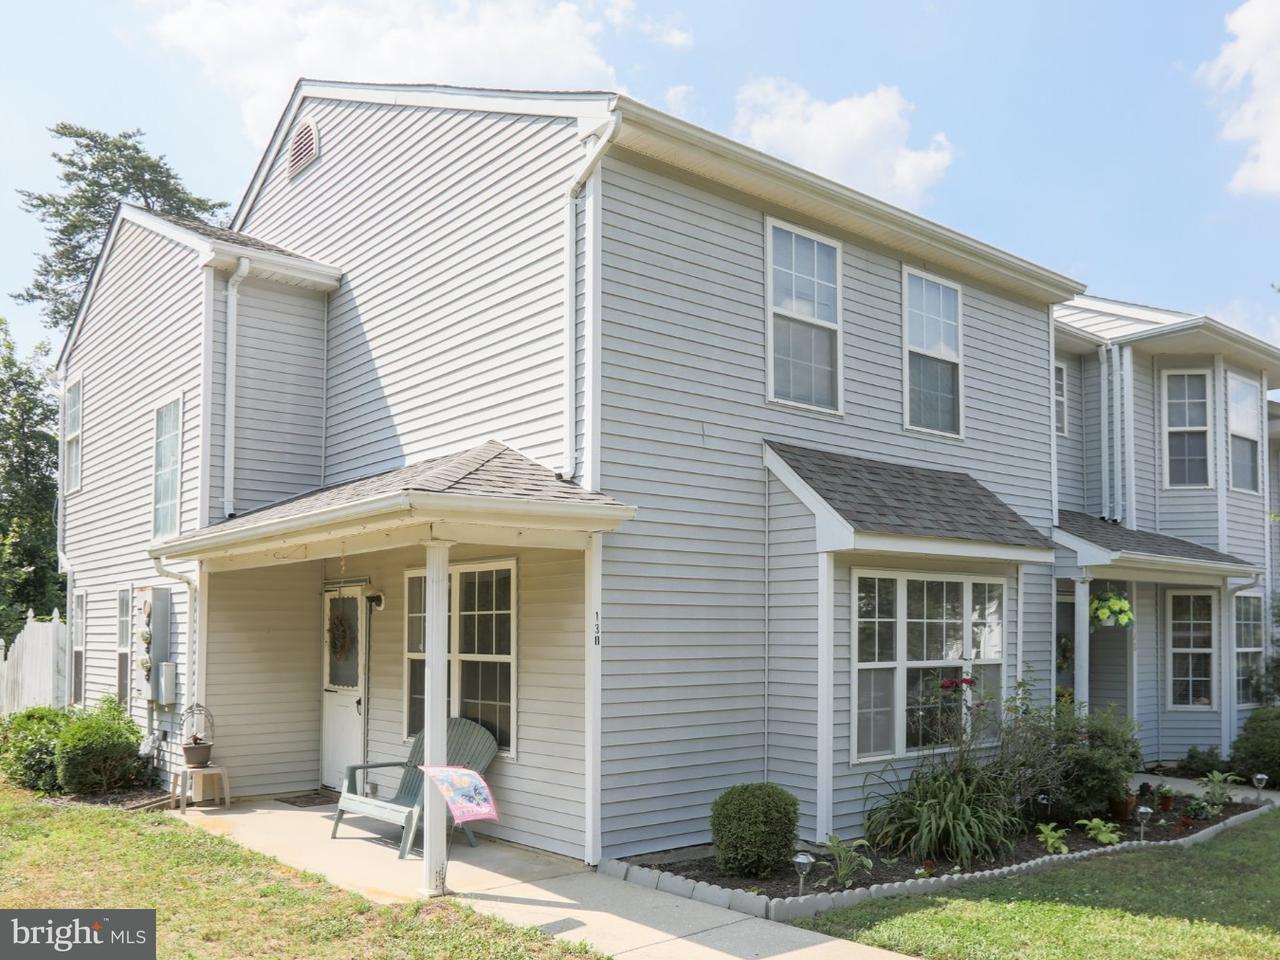 Casa unifamiliar adosada (Townhouse) por un Venta en 130 PENDRAGON WAY Mantua, Nueva Jersey 08051 Estados Unidos